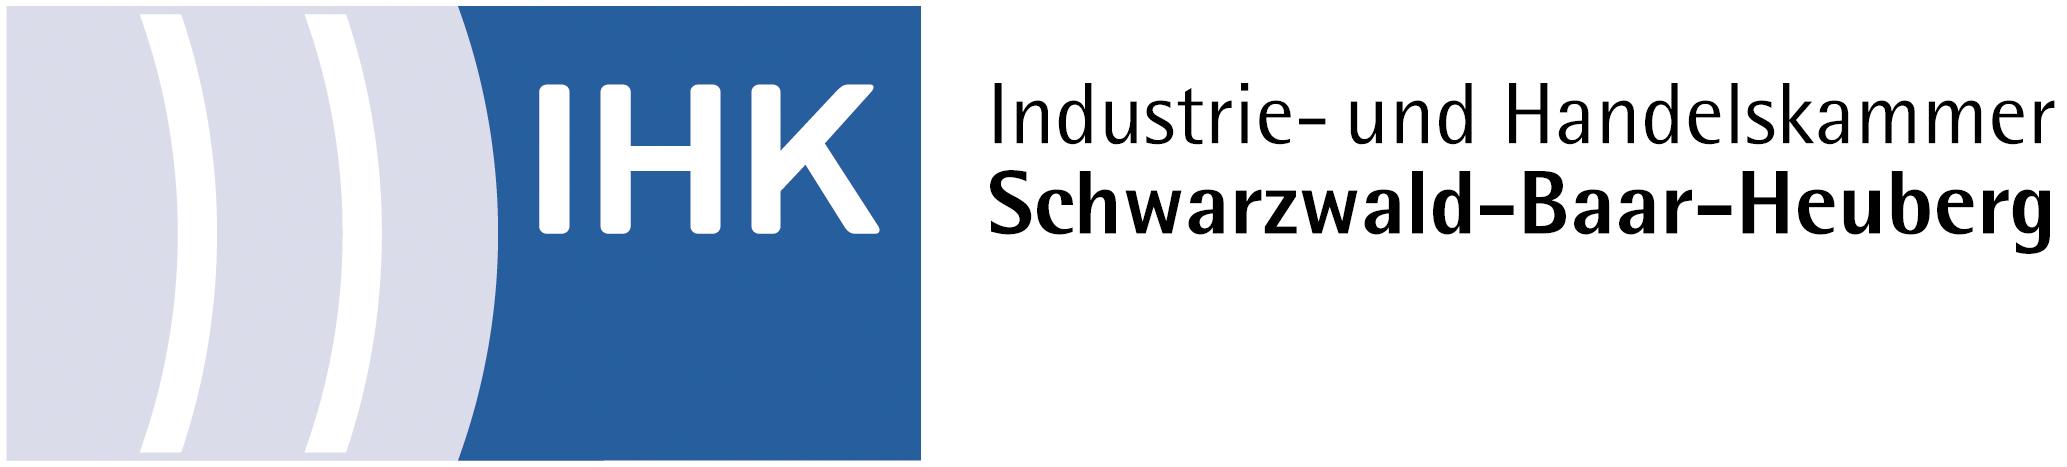 Industrie- und Handelskammer Schwarzwald-Baar-Heuberg